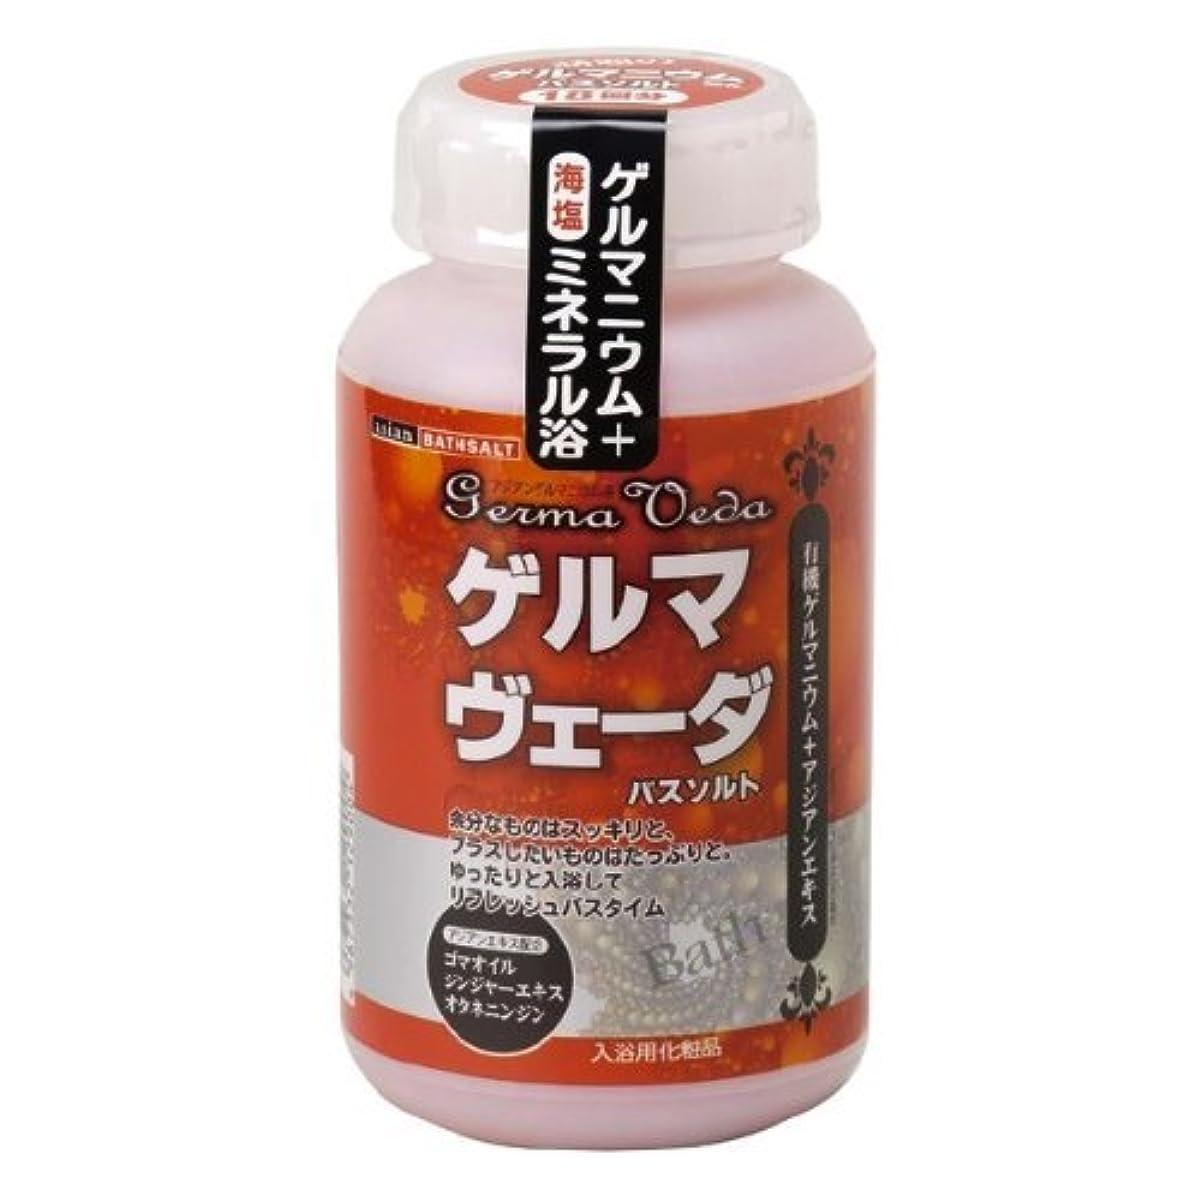 迷信ダニダーツゲルマヴェーダボトルタイプ630g 【ゲルマニウム粉末入浴剤】B22バスソルト